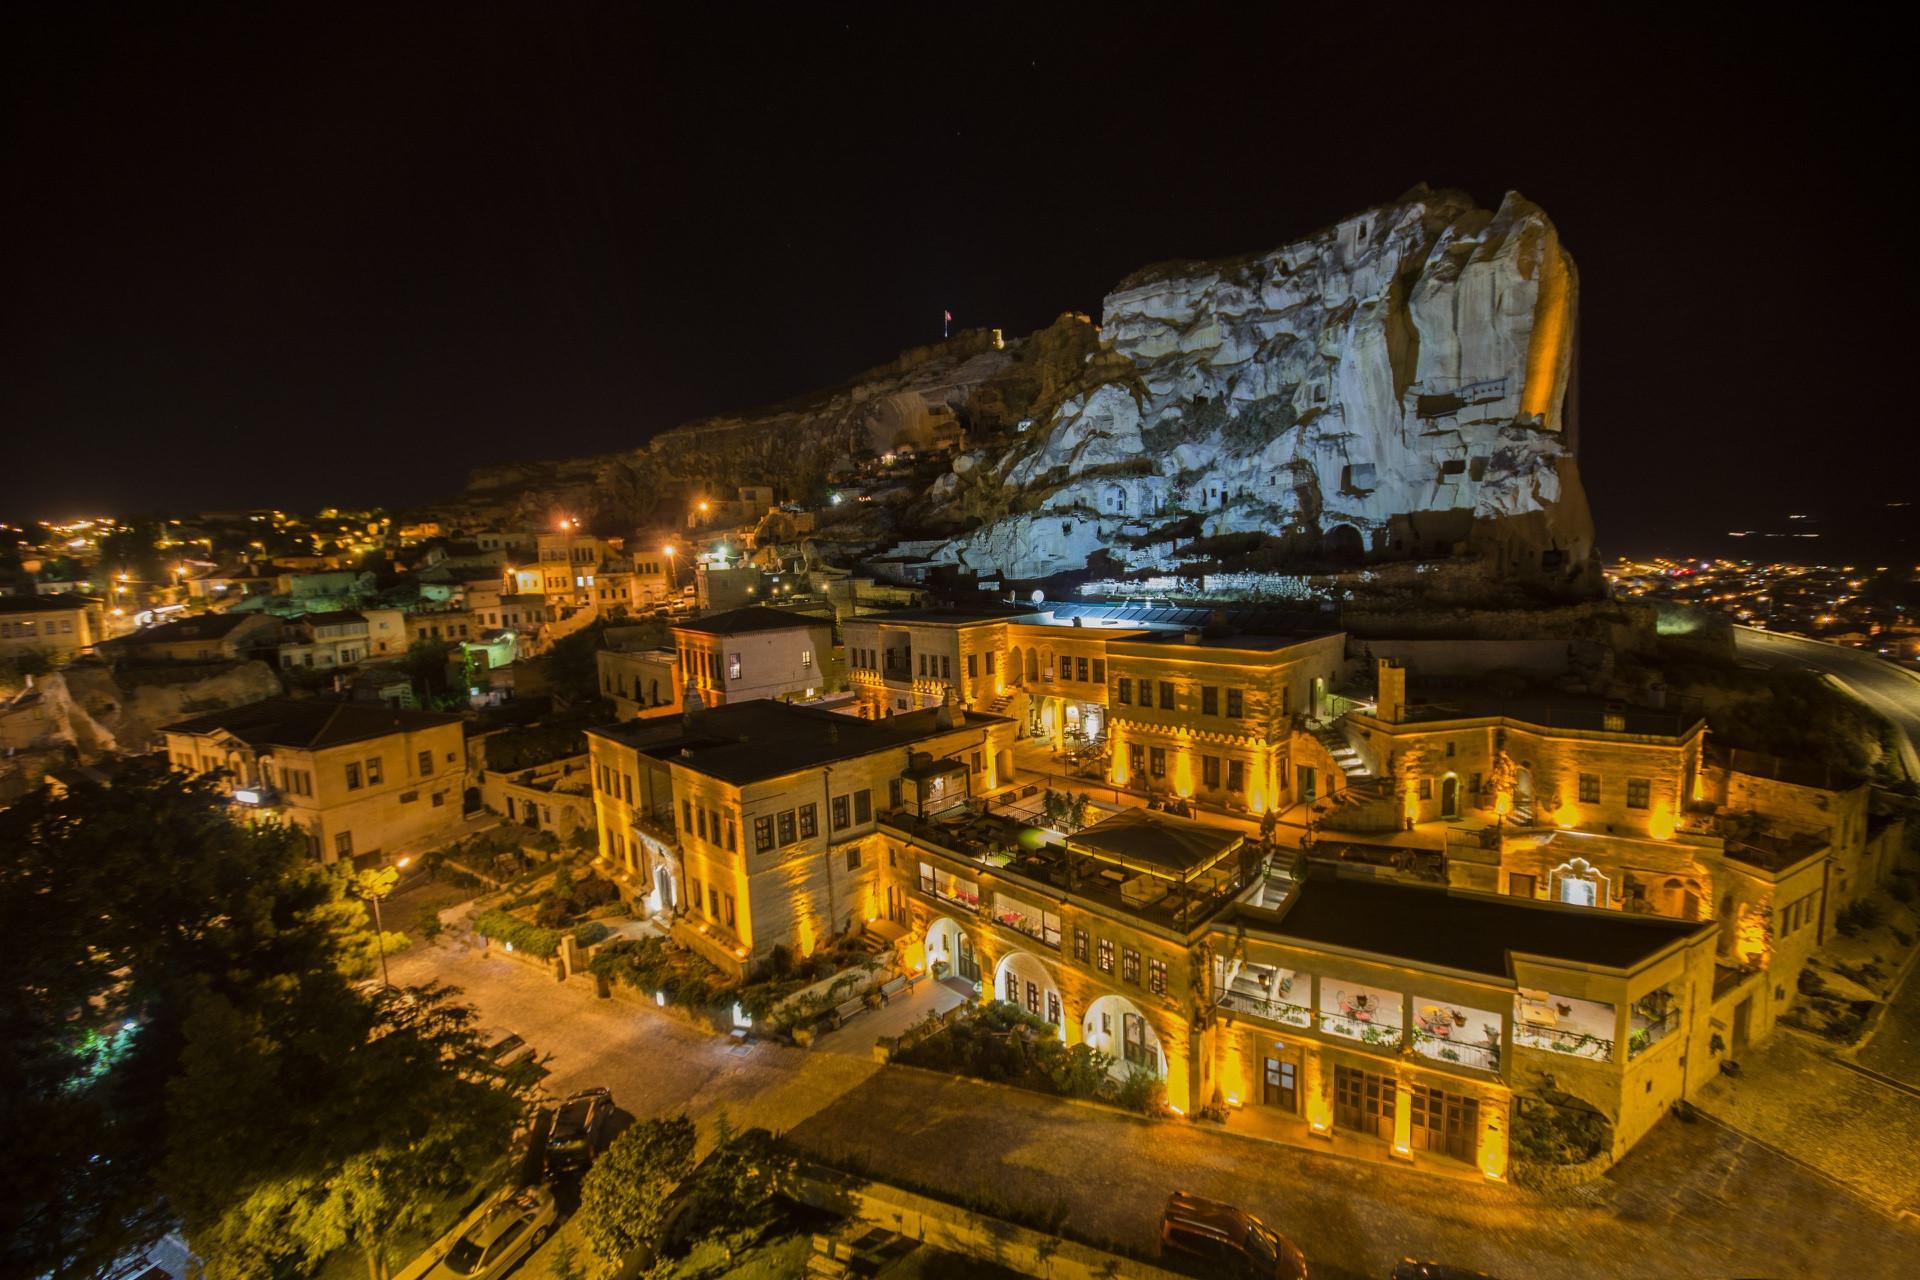 Loạt khách sạn hang động sang trọng ở Thổ Nhĩ Kỳ - 5